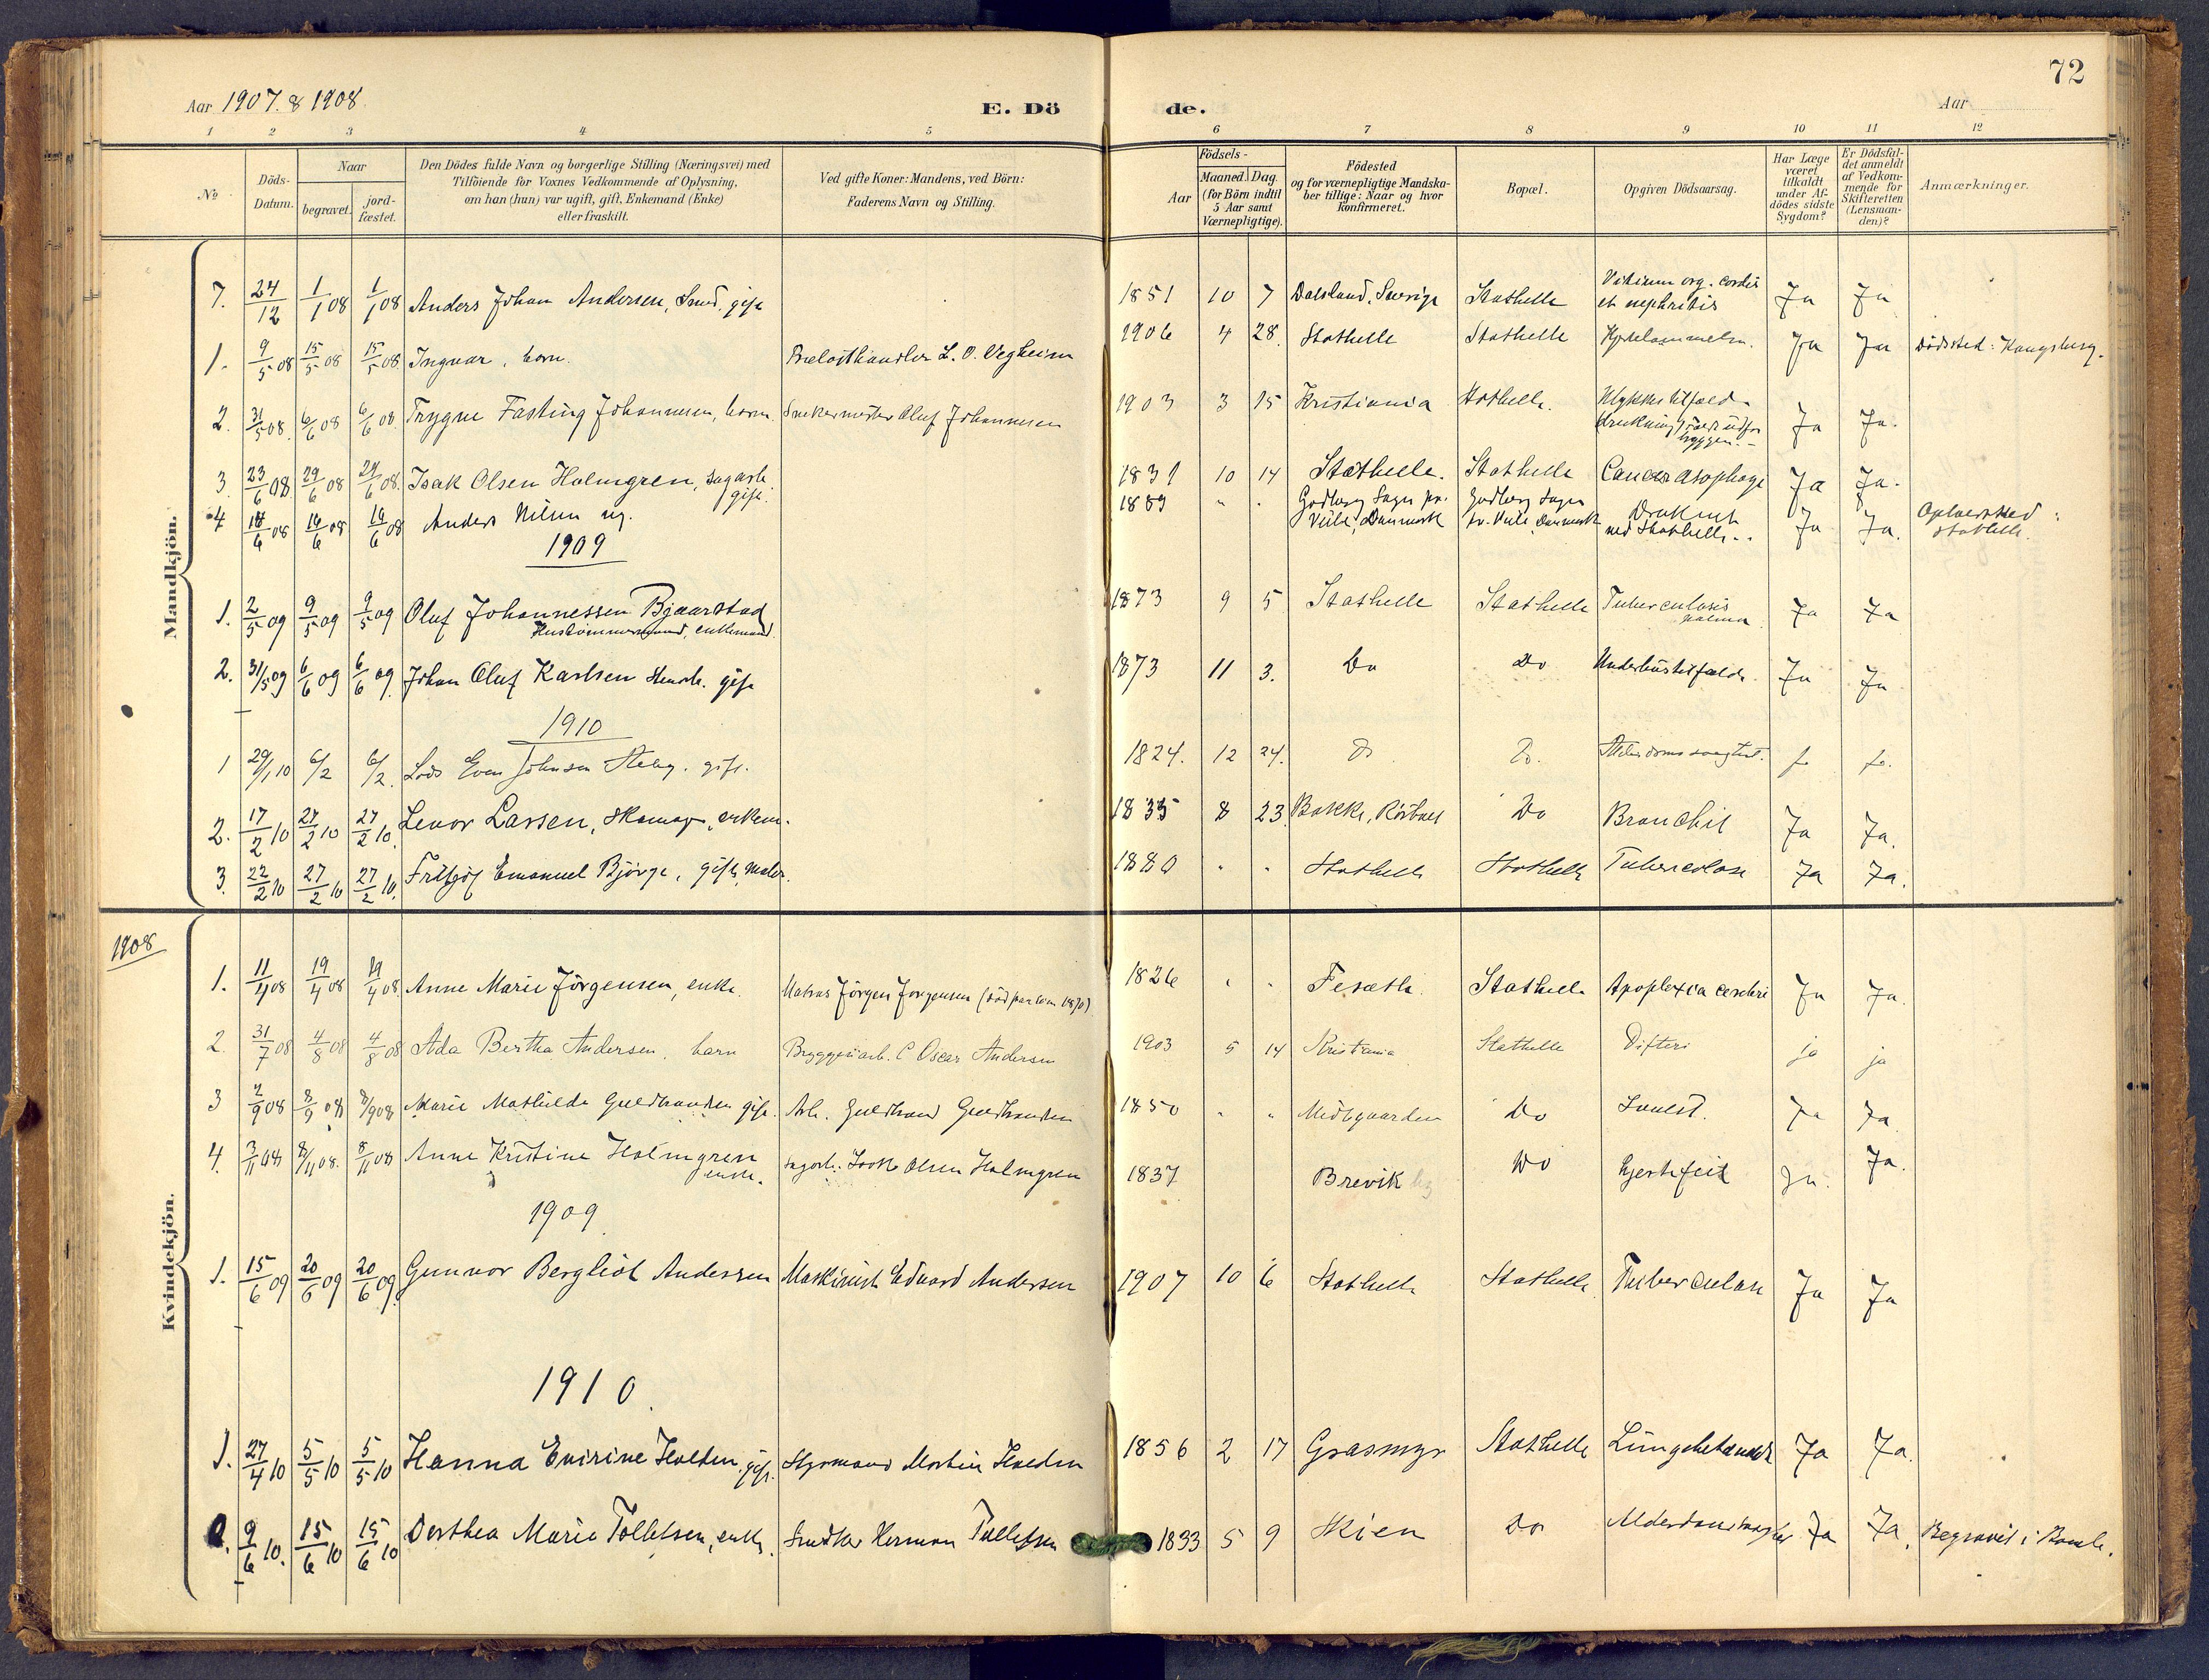 SAKO, Bamble kirkebøker, F/Fb/L0002: Ministerialbok nr. II 2, 1900-1921, s. 72